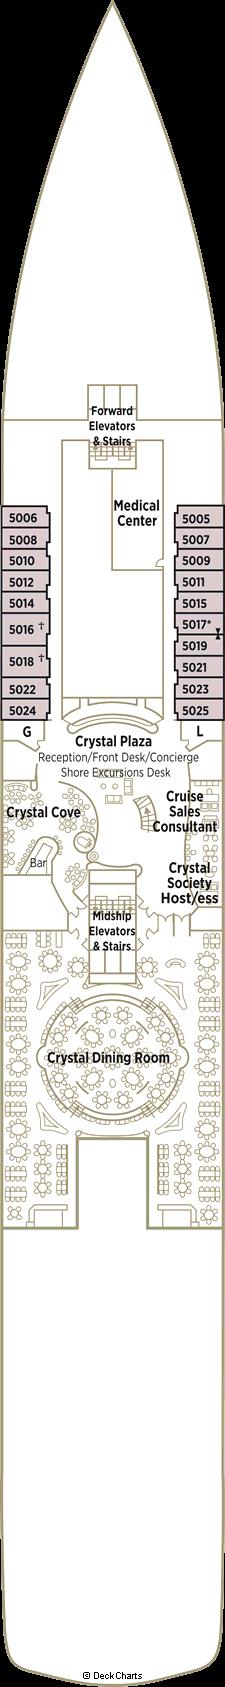 Crystal Symphony: Crystal Deck